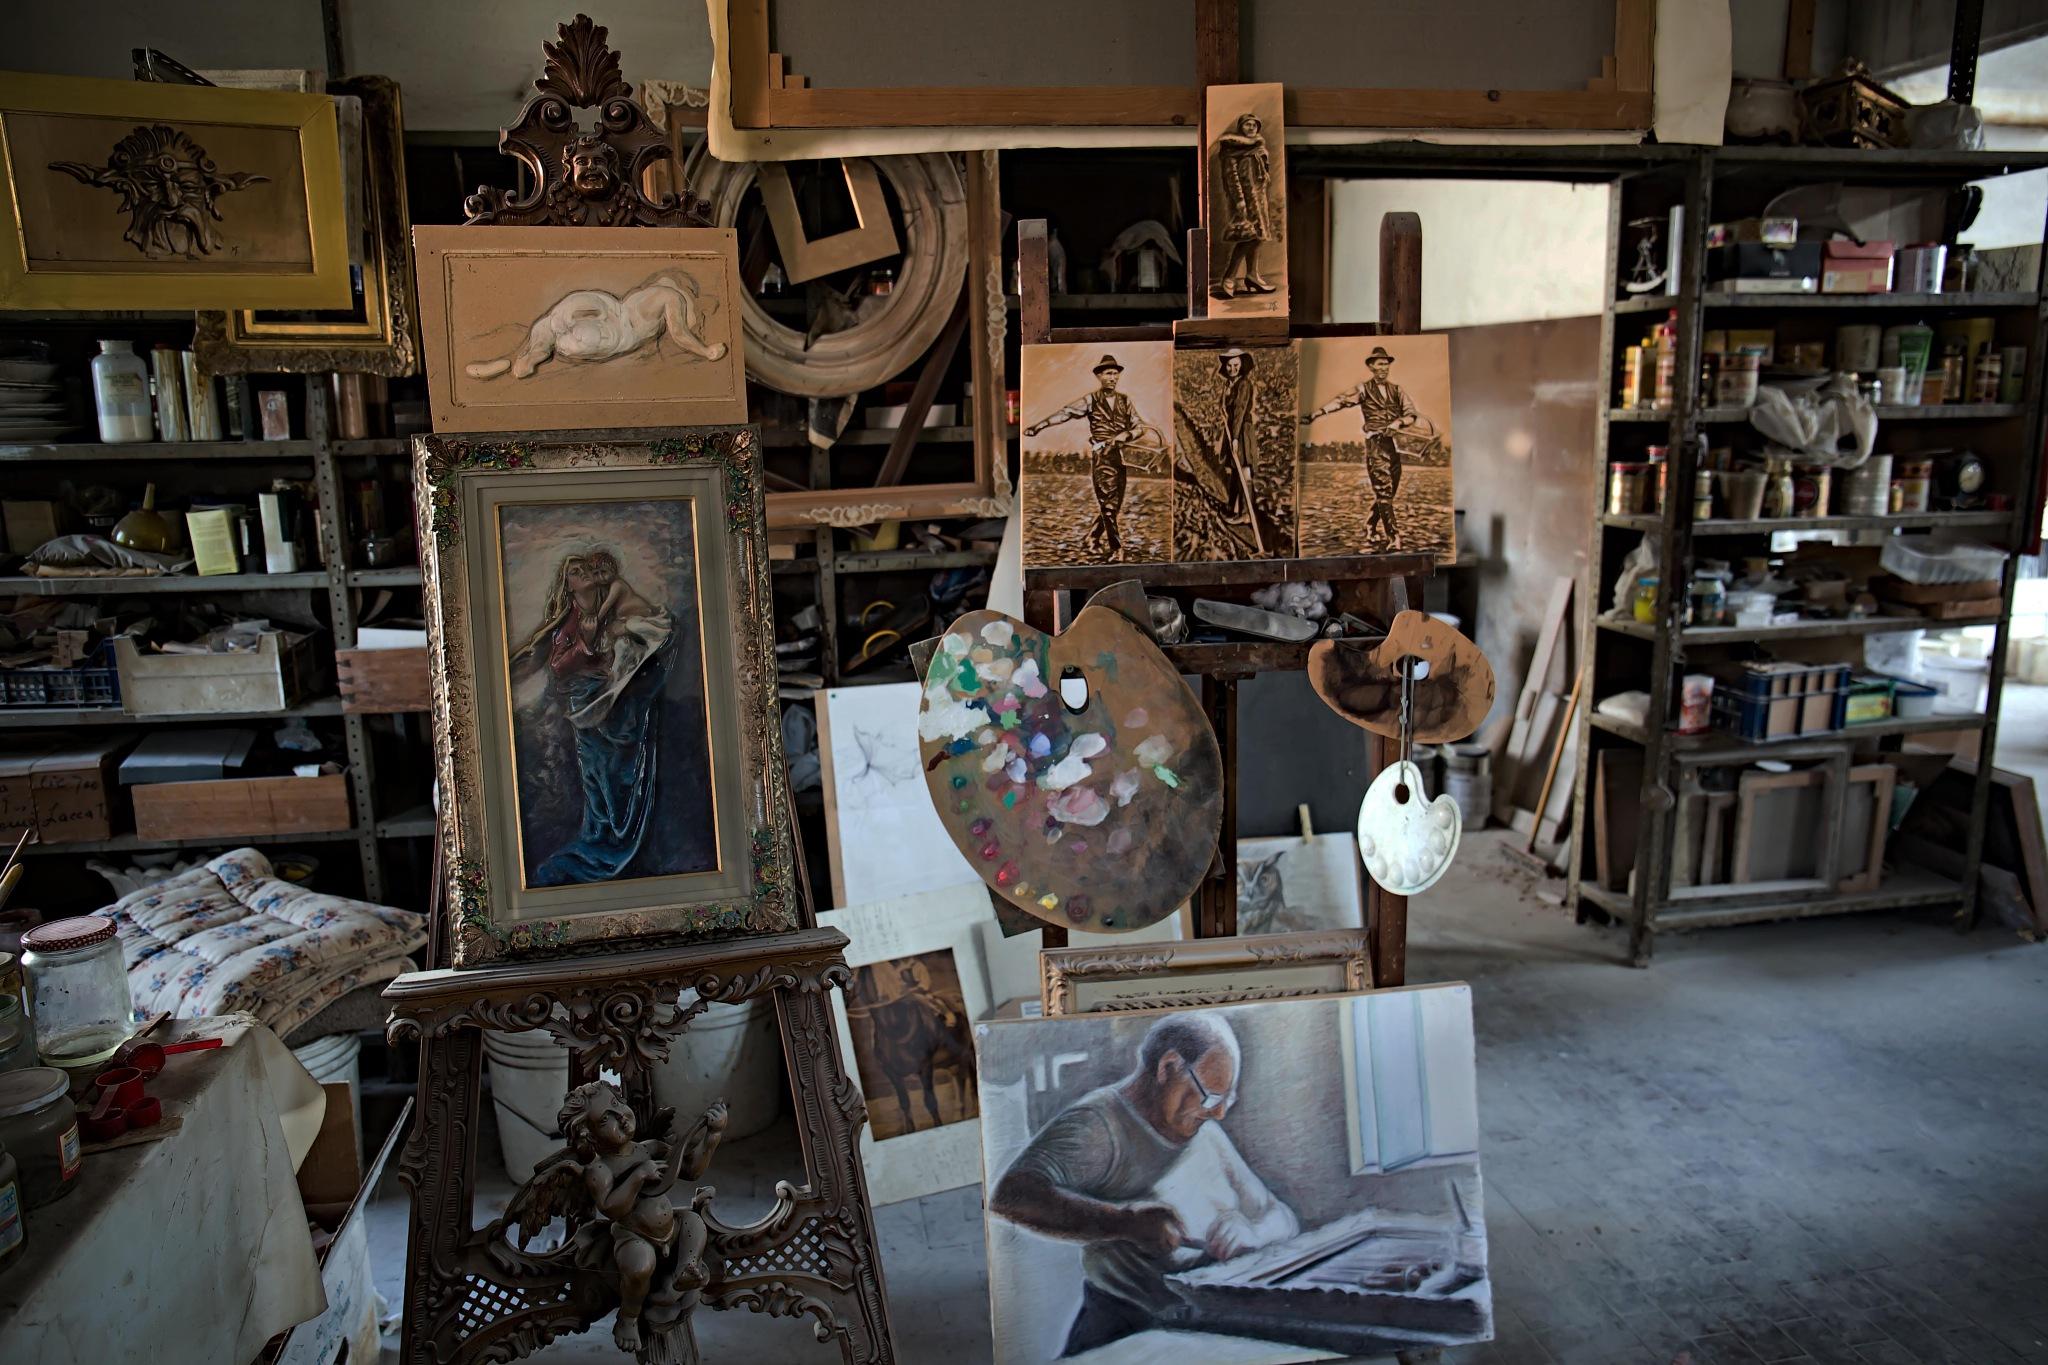 Laboratorio Artistico by Maurizio